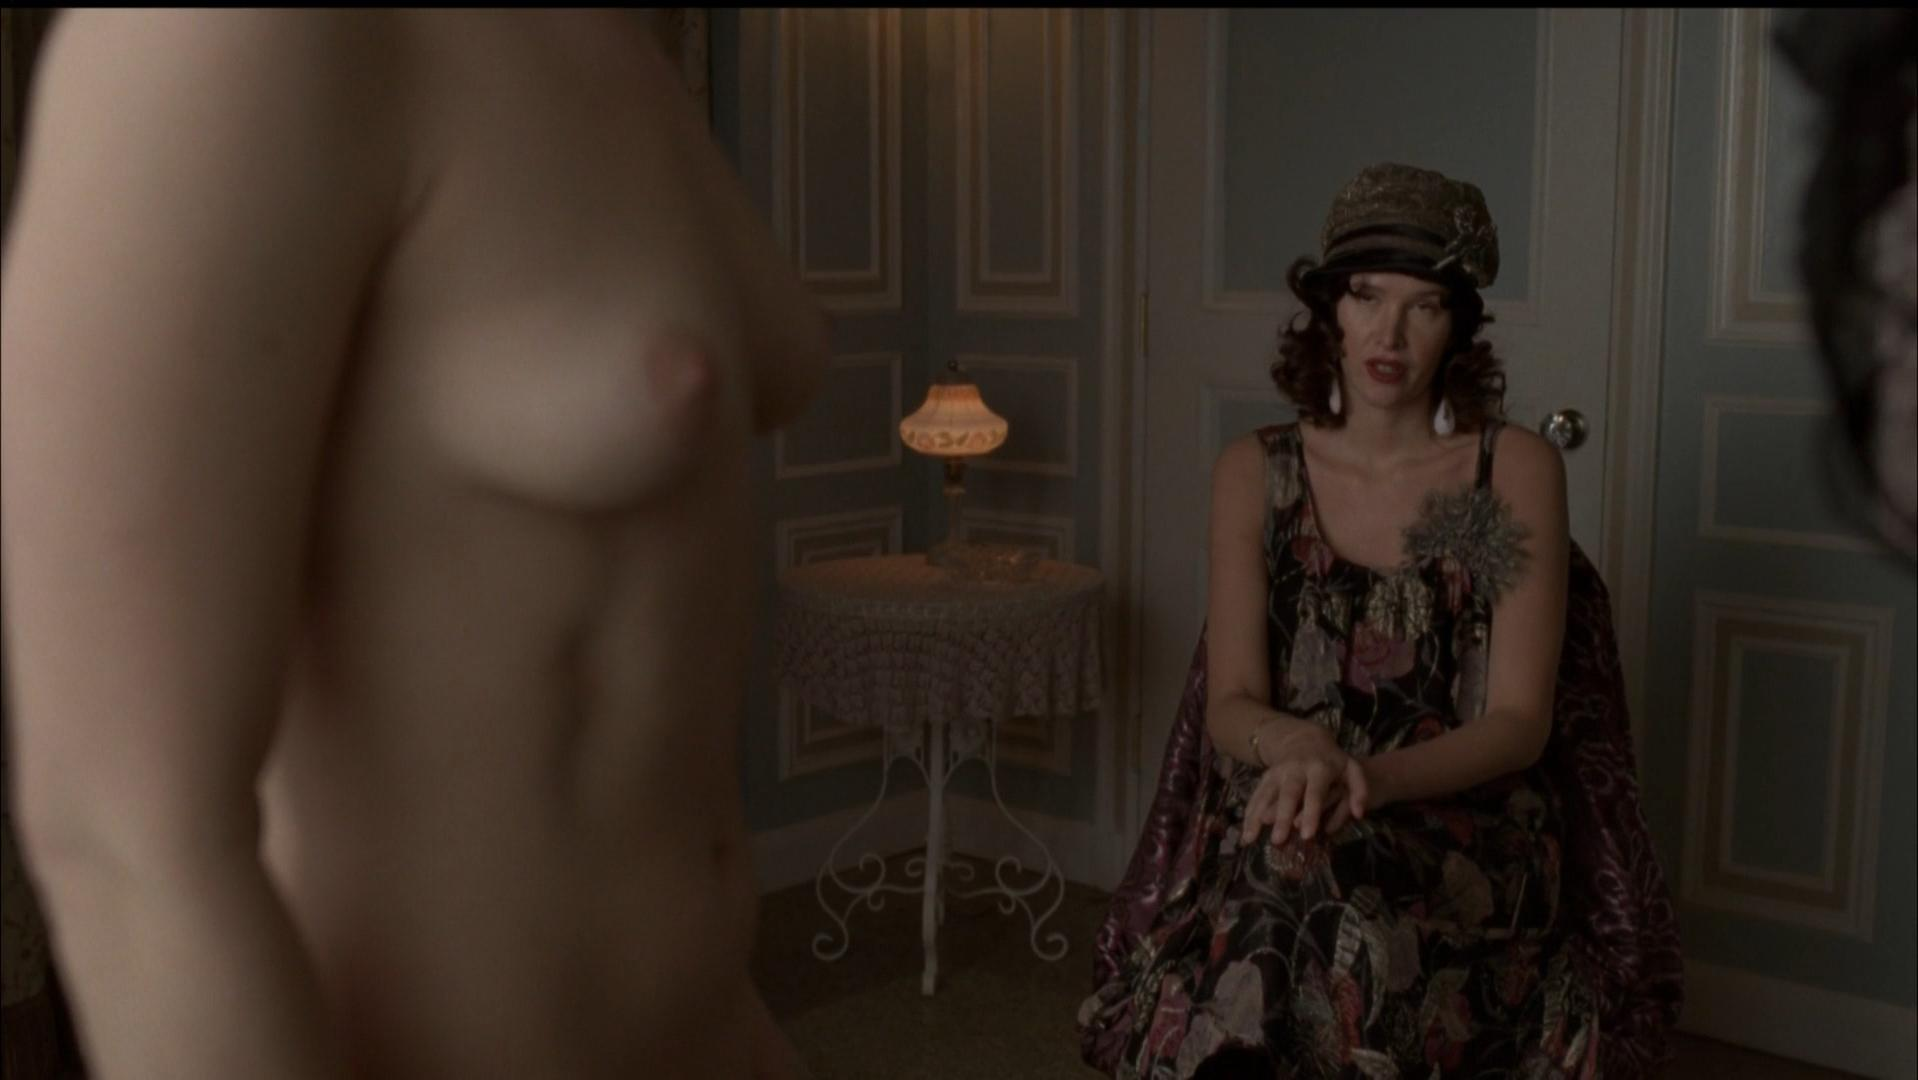 Kayla ferguson nude boardwalk empire s04e07 2013 8